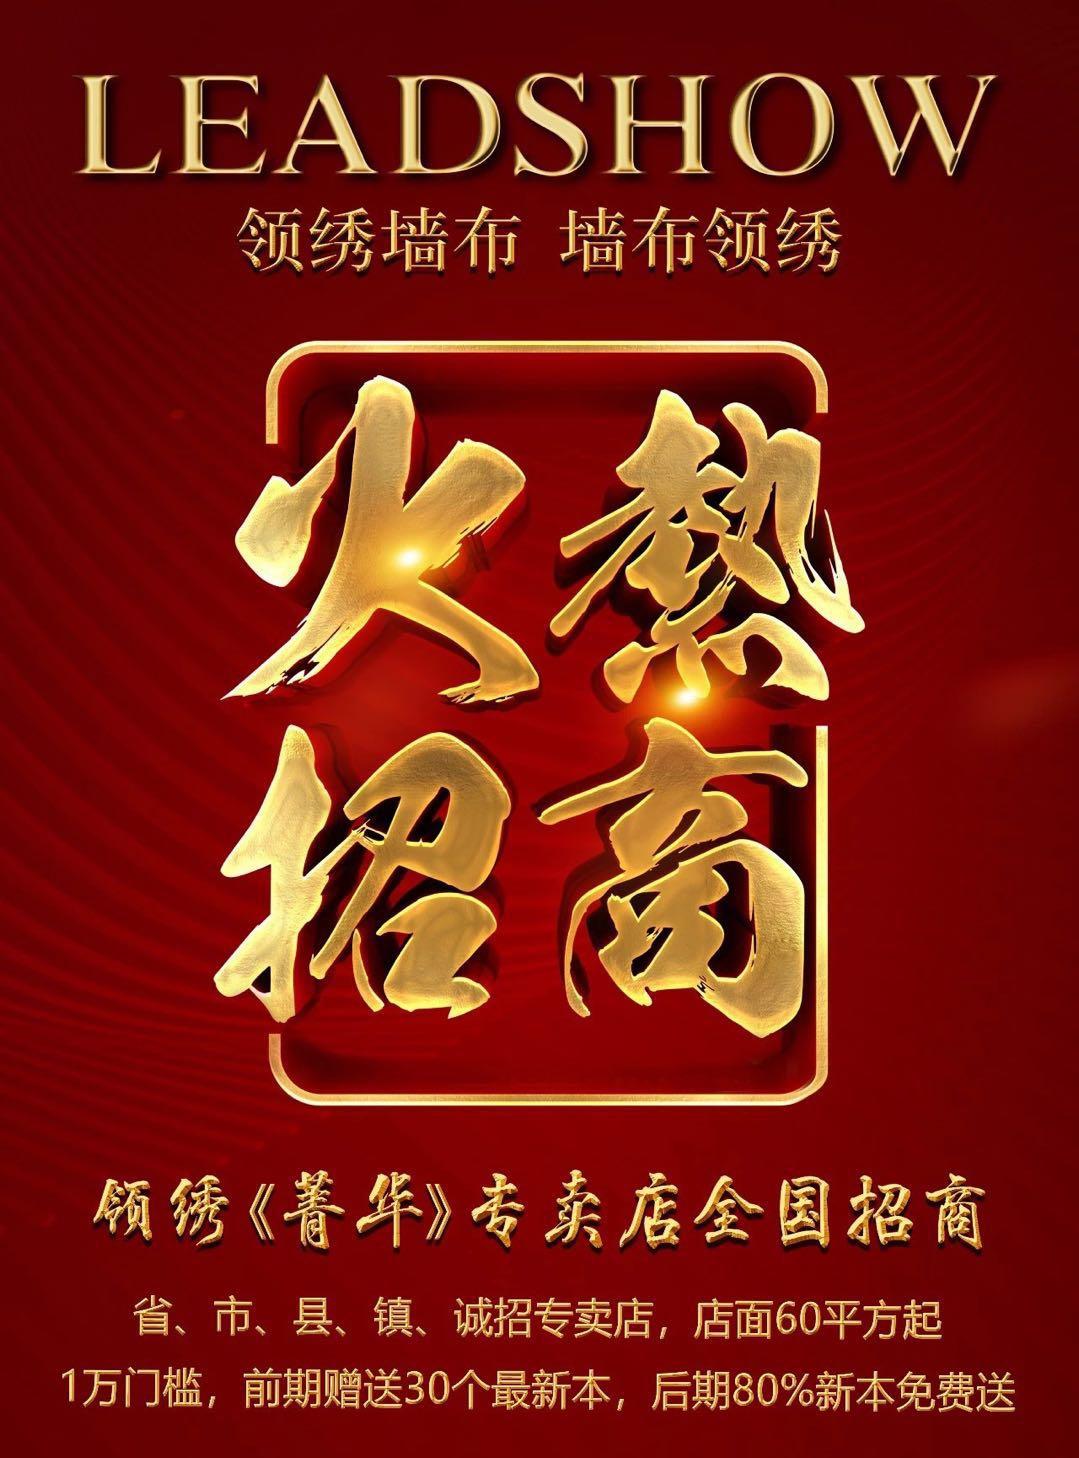 【新浪观点】菁华线上招商400家 背后谁在操盘?